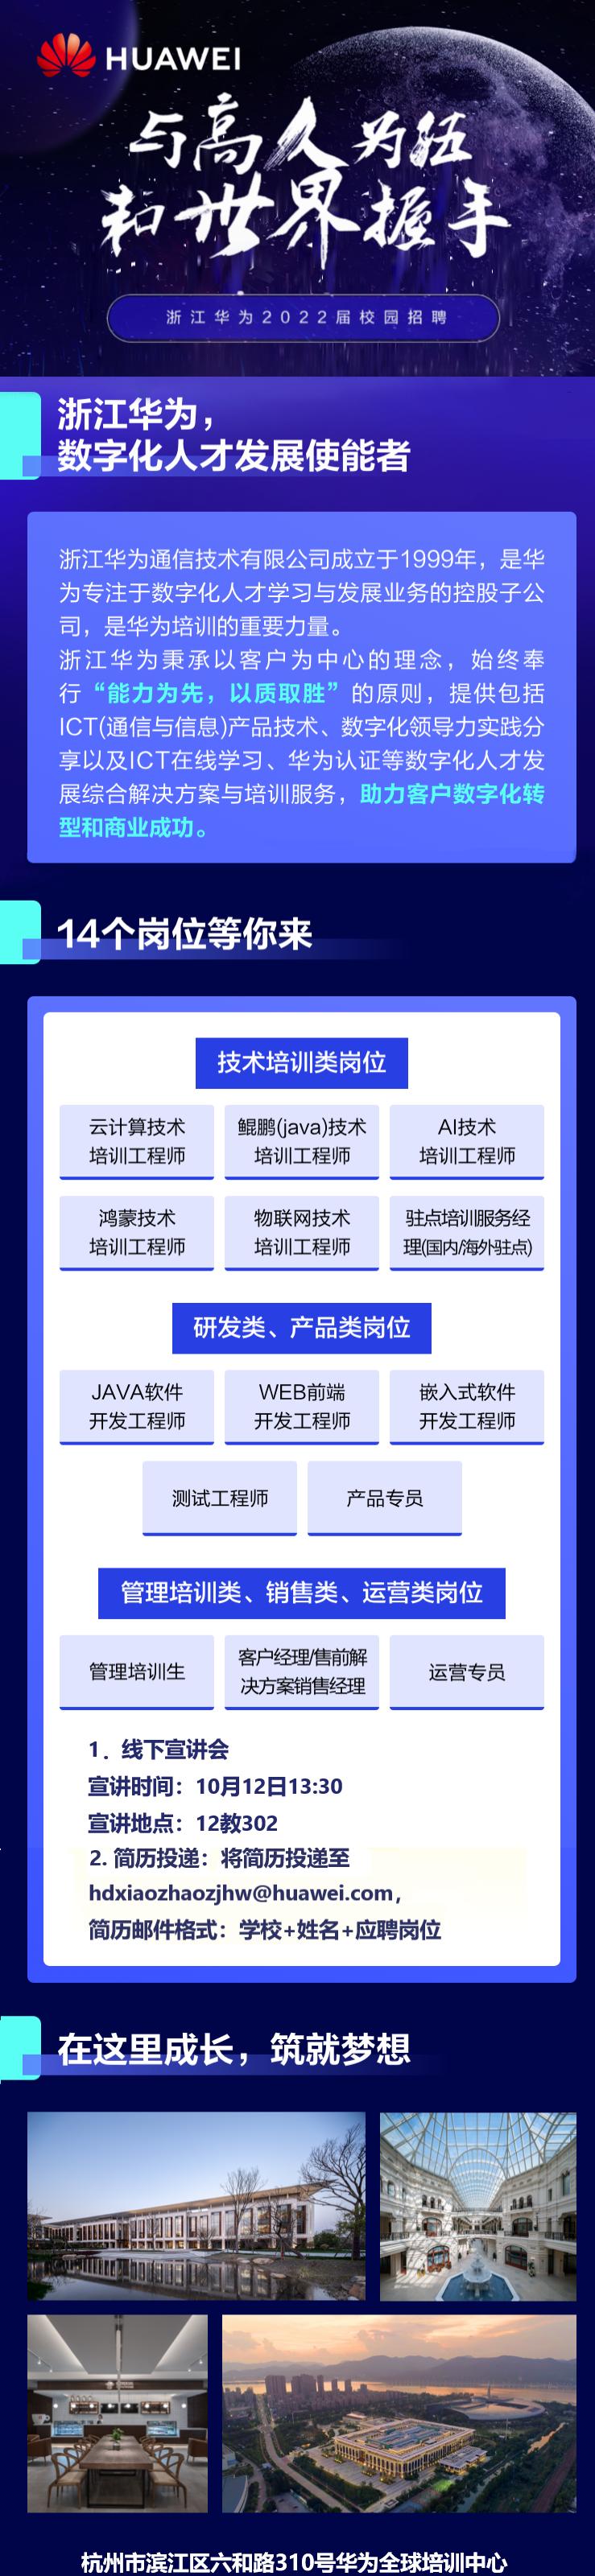 浙江华为2022届校园招聘简章-杭电专场.png